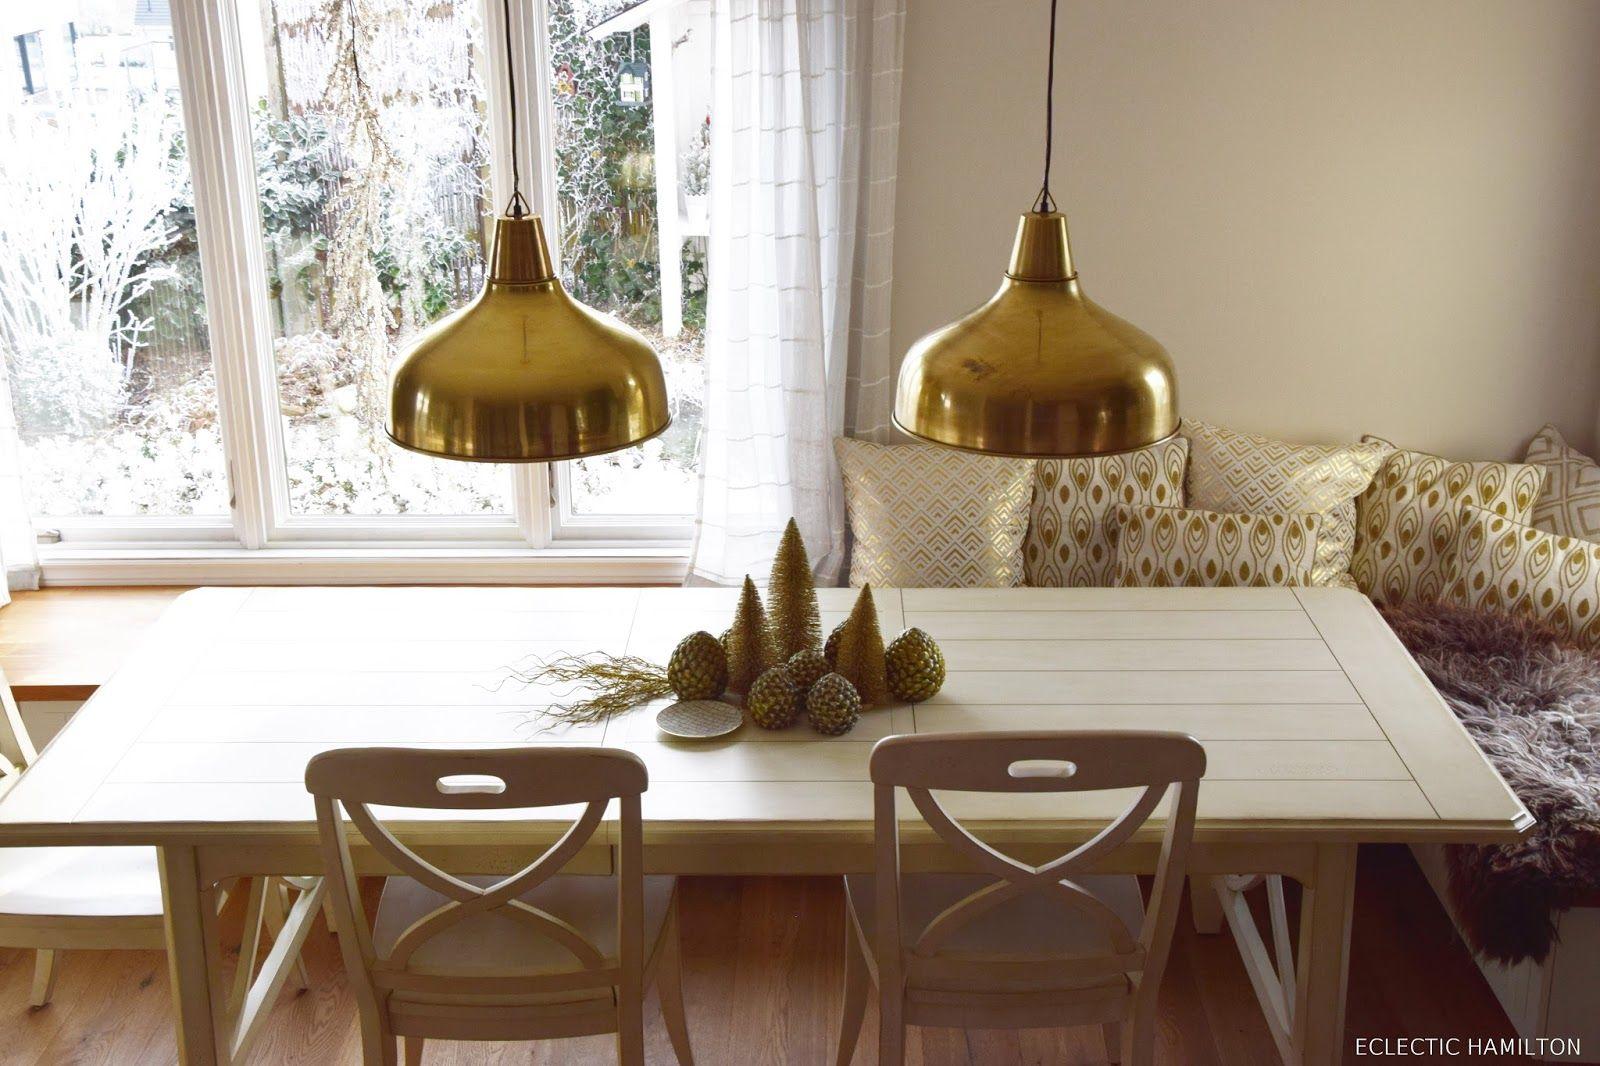 Die Perfekte Lampe Für Das Esszimmer Und Tolle Weihnachtsdeko In Gold.Tipps  Zum Leuchtmittelkauf / Lampenkauf: LED Lampen Leuchten Esszimmer Tisch Deko  ...